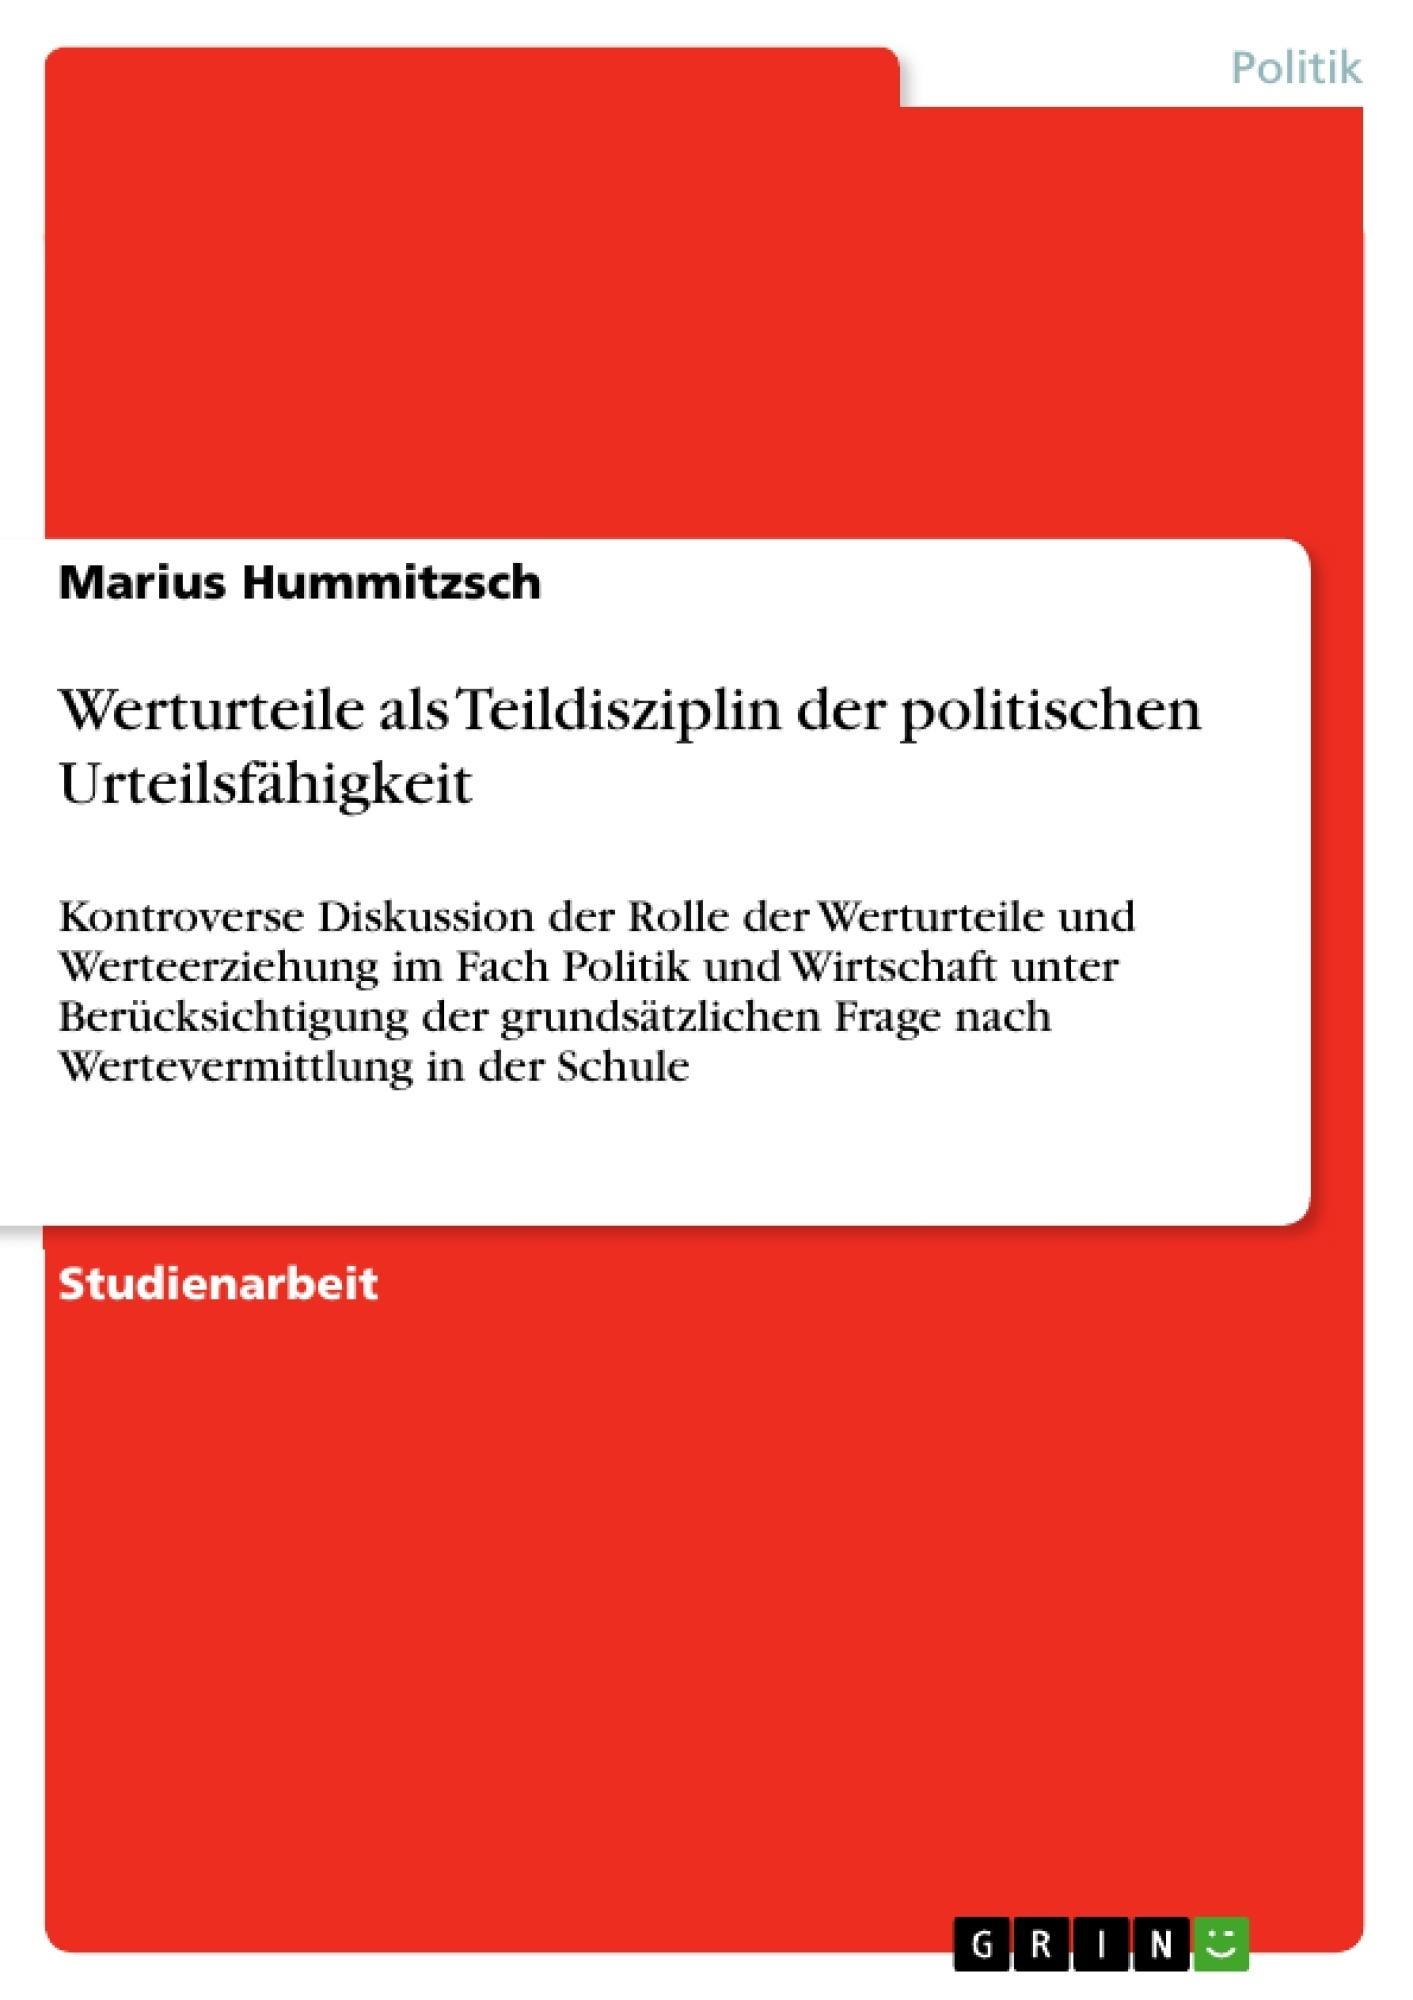 Titel: Werturteile als Teildisziplin der politischen Urteilsfähigkeit